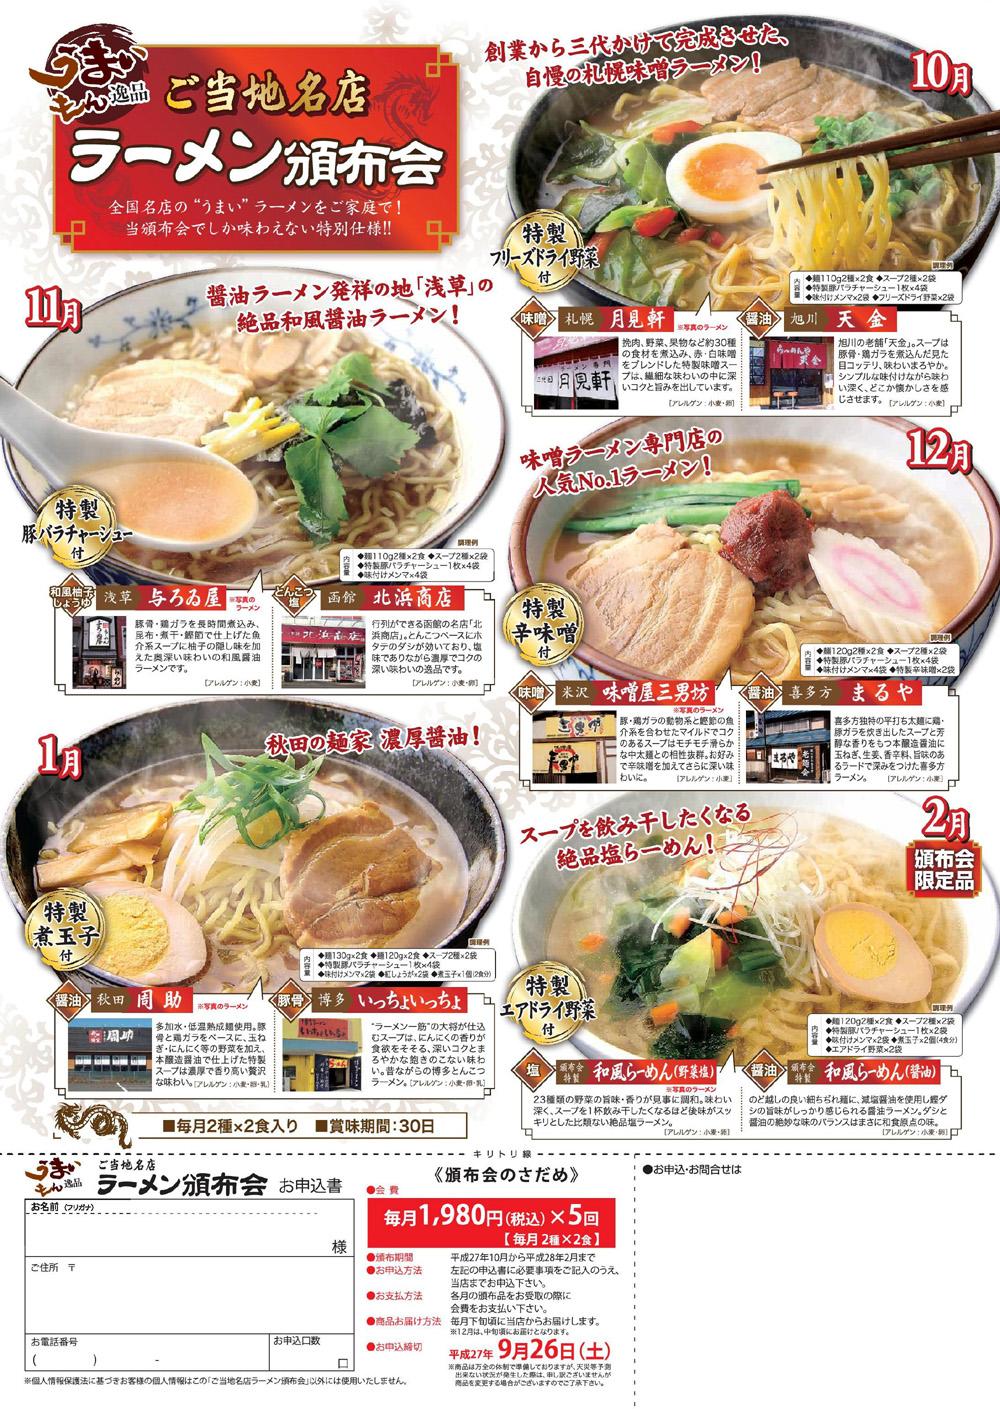 2015ラーメン頒布会チラシ(10~2月)